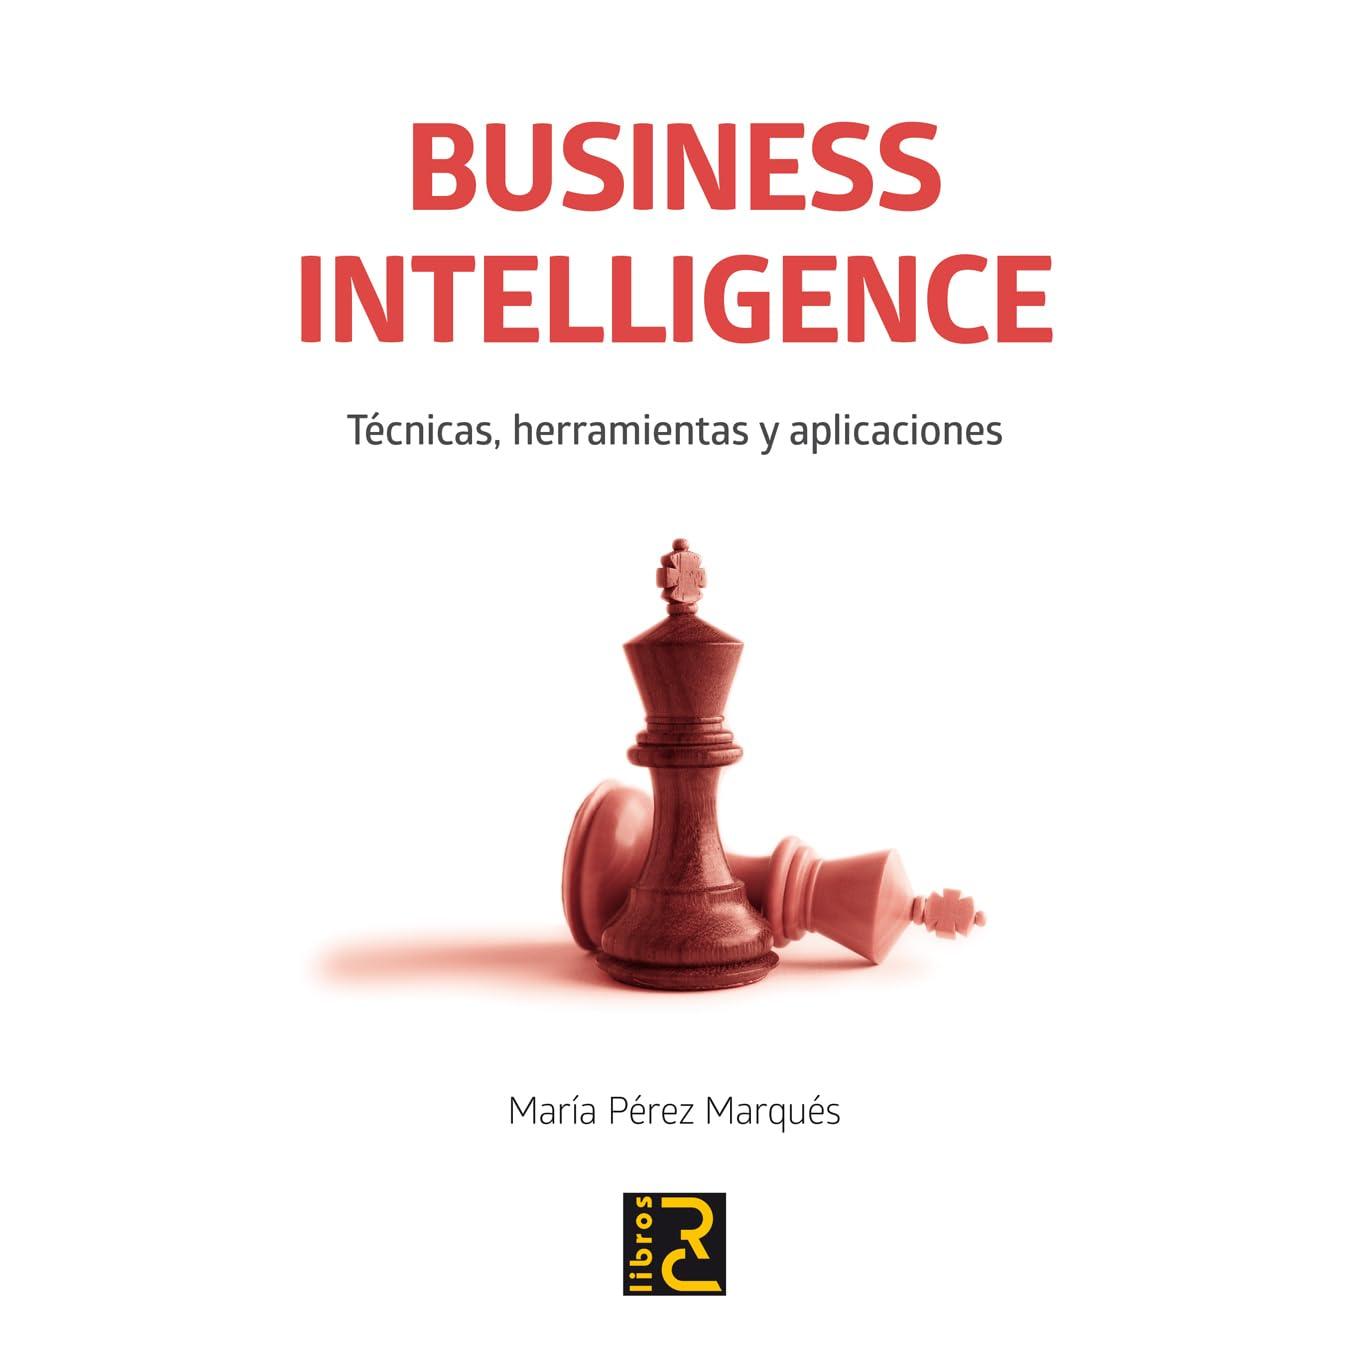 Business Intelligence Técnicas Herramientas Y Aplicaciones By Maria Perez Marques